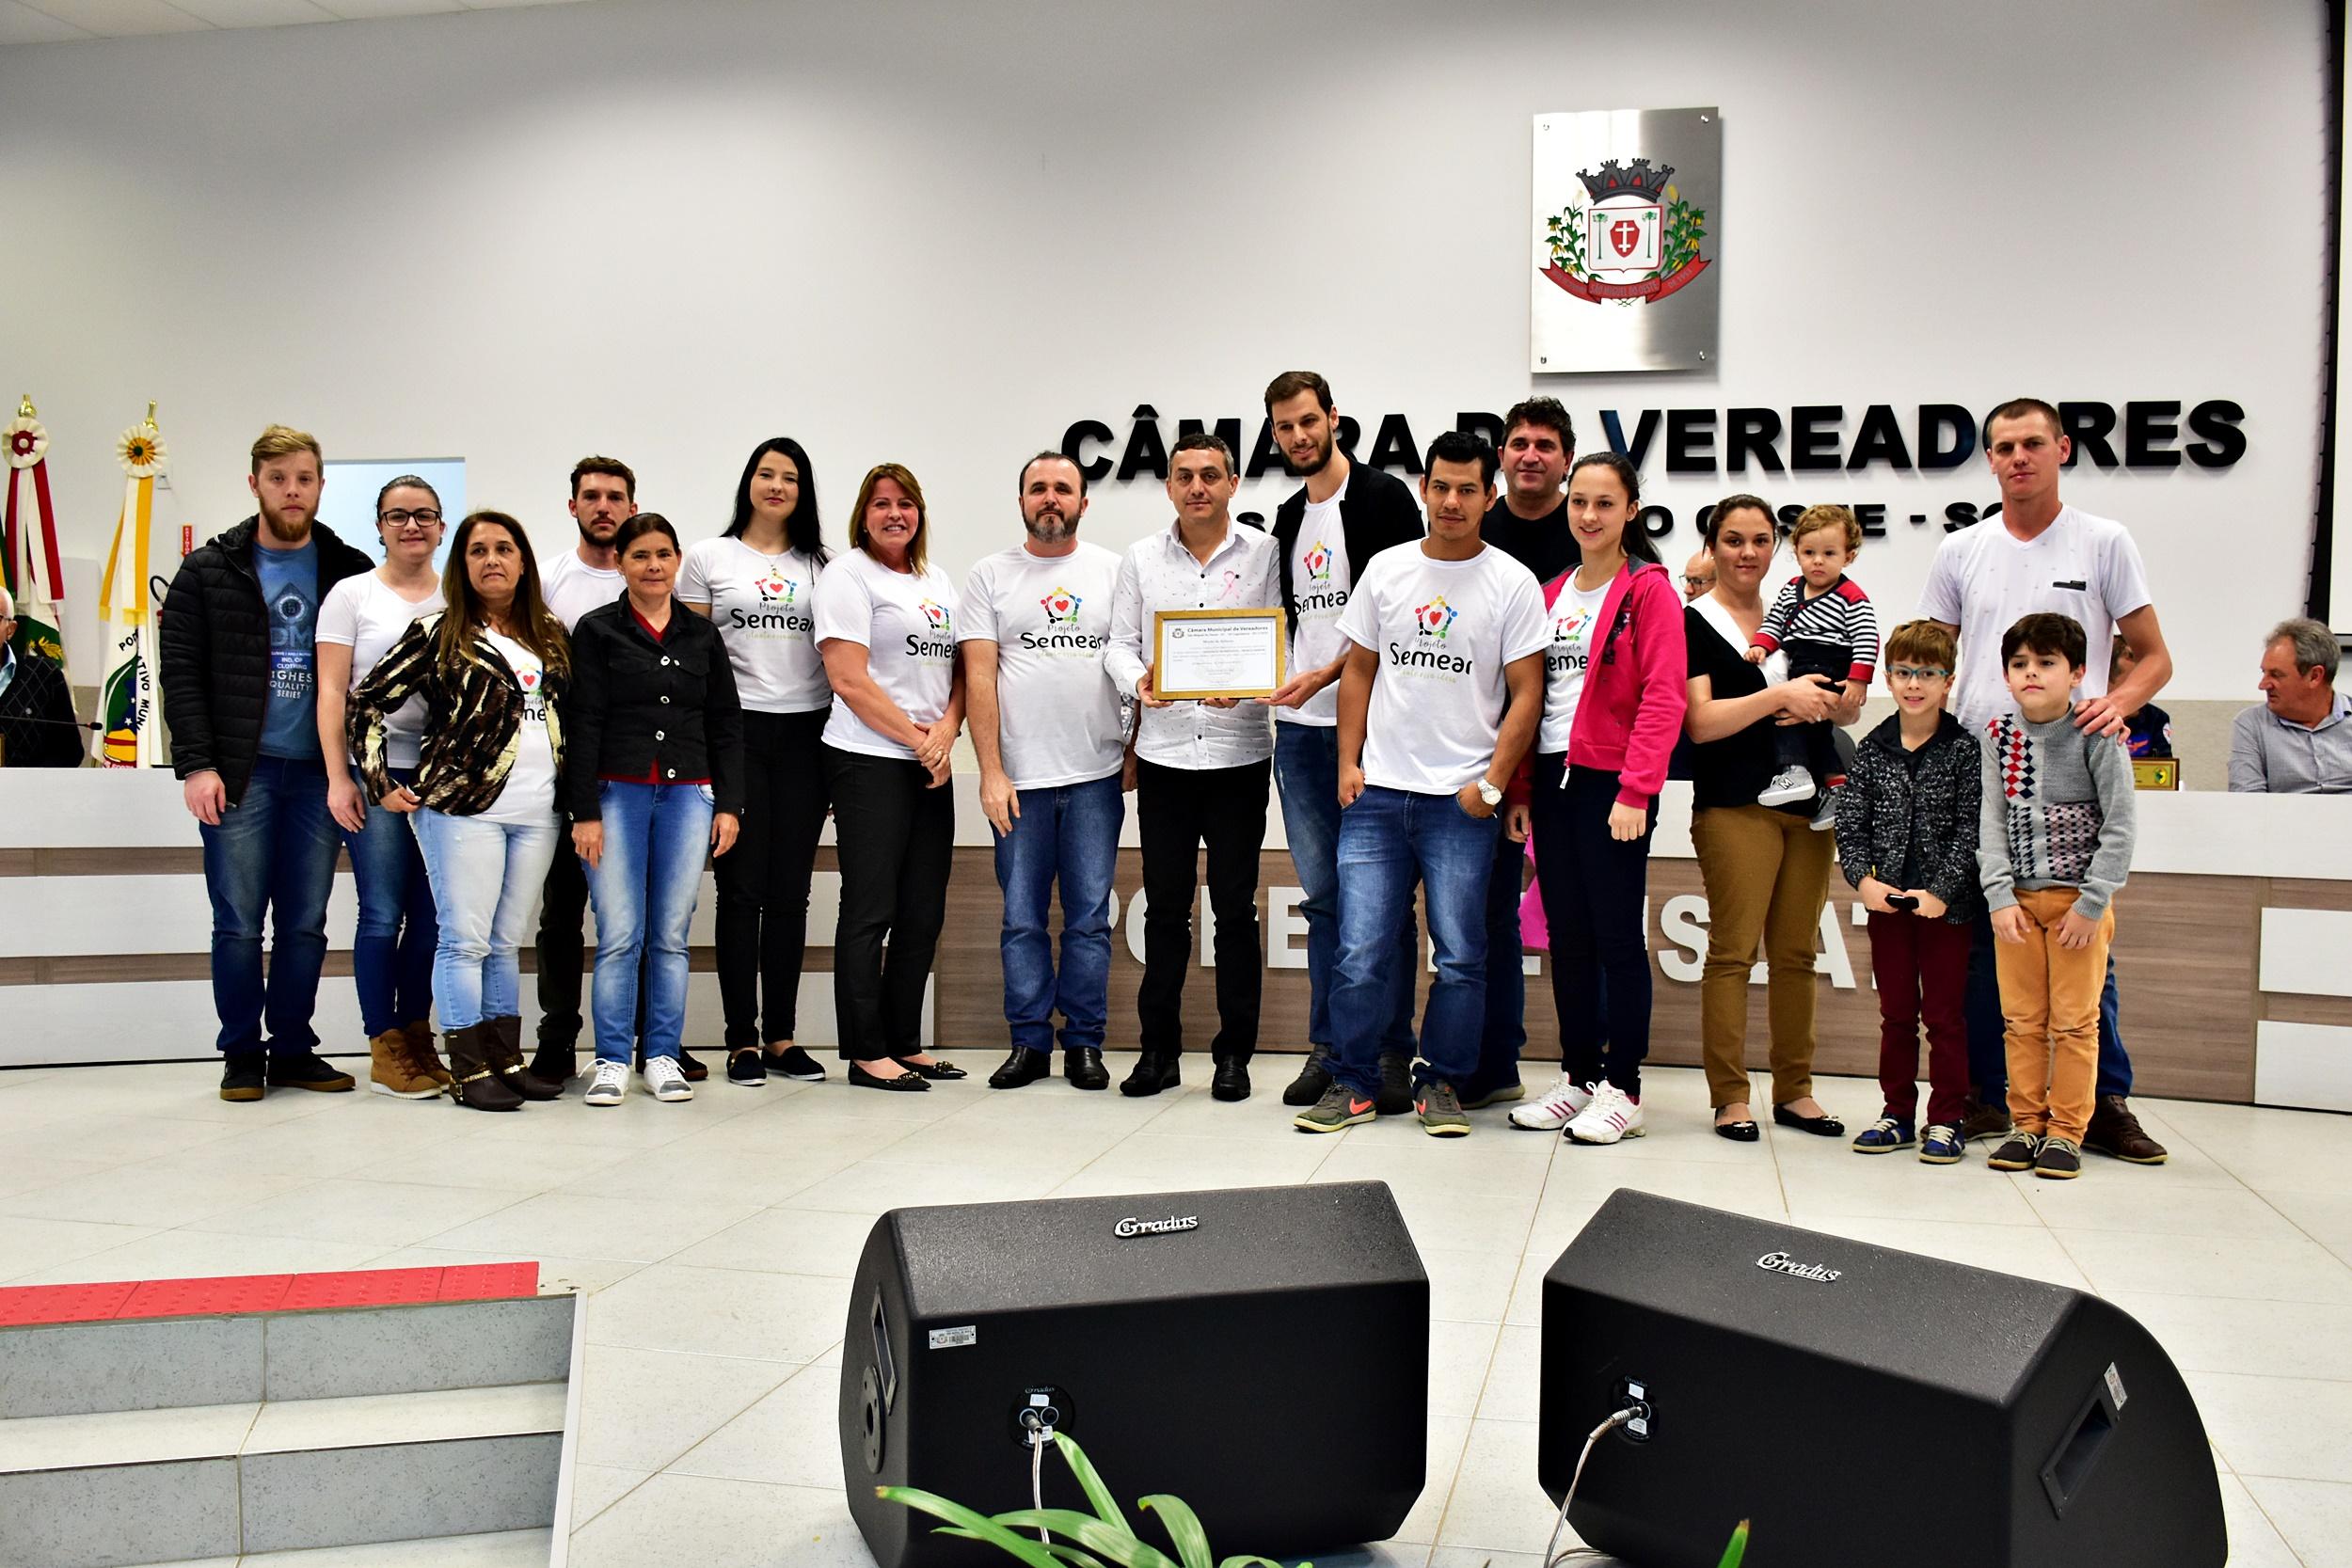 Vereadores prestam homenagem ao Projeto Semear